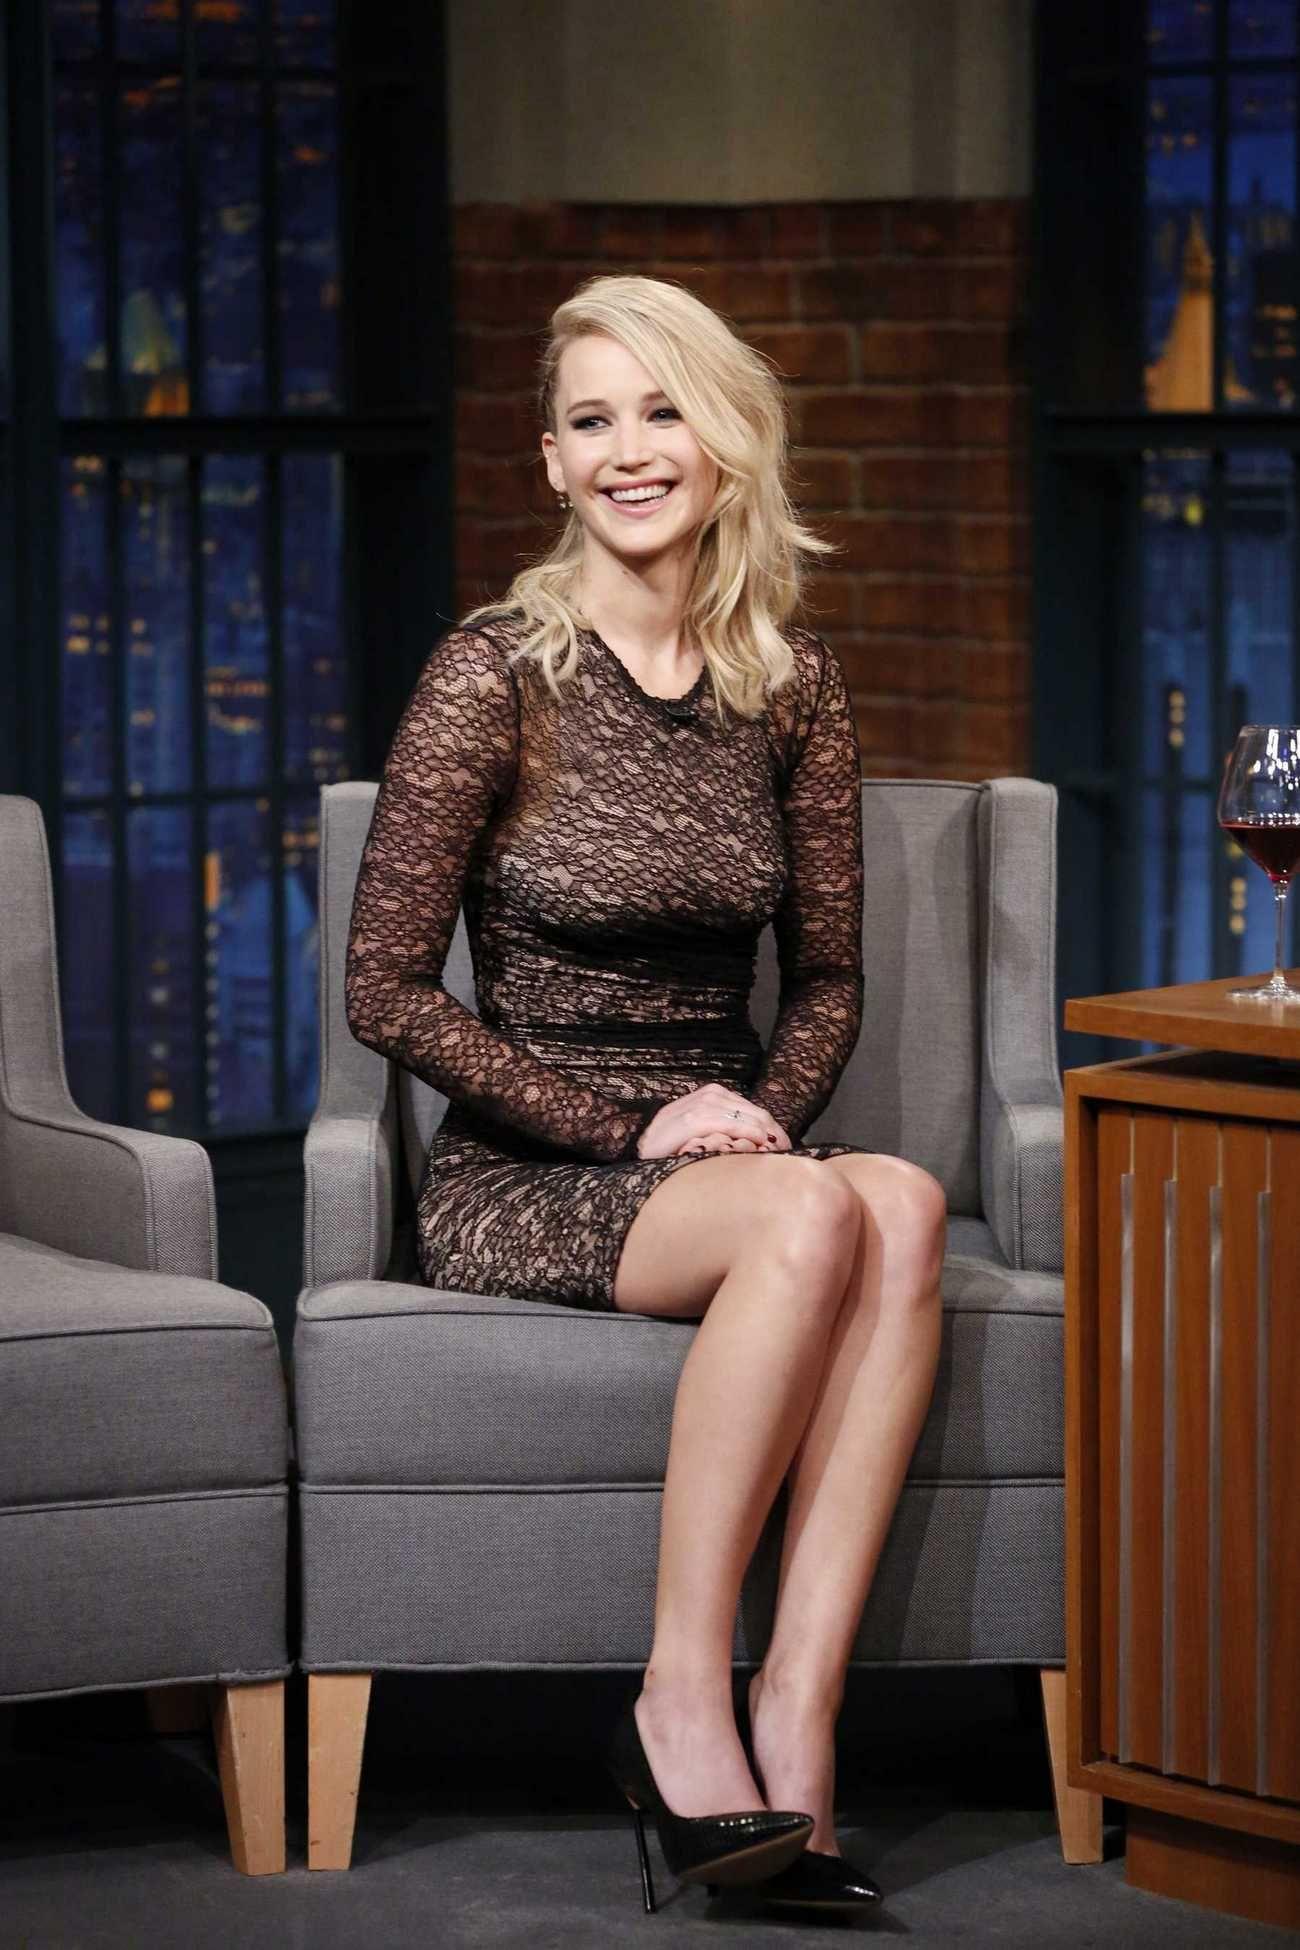 Josh Meyers Porn - Jennifer Lawrence - Late Night with Seth Meyers on September 14